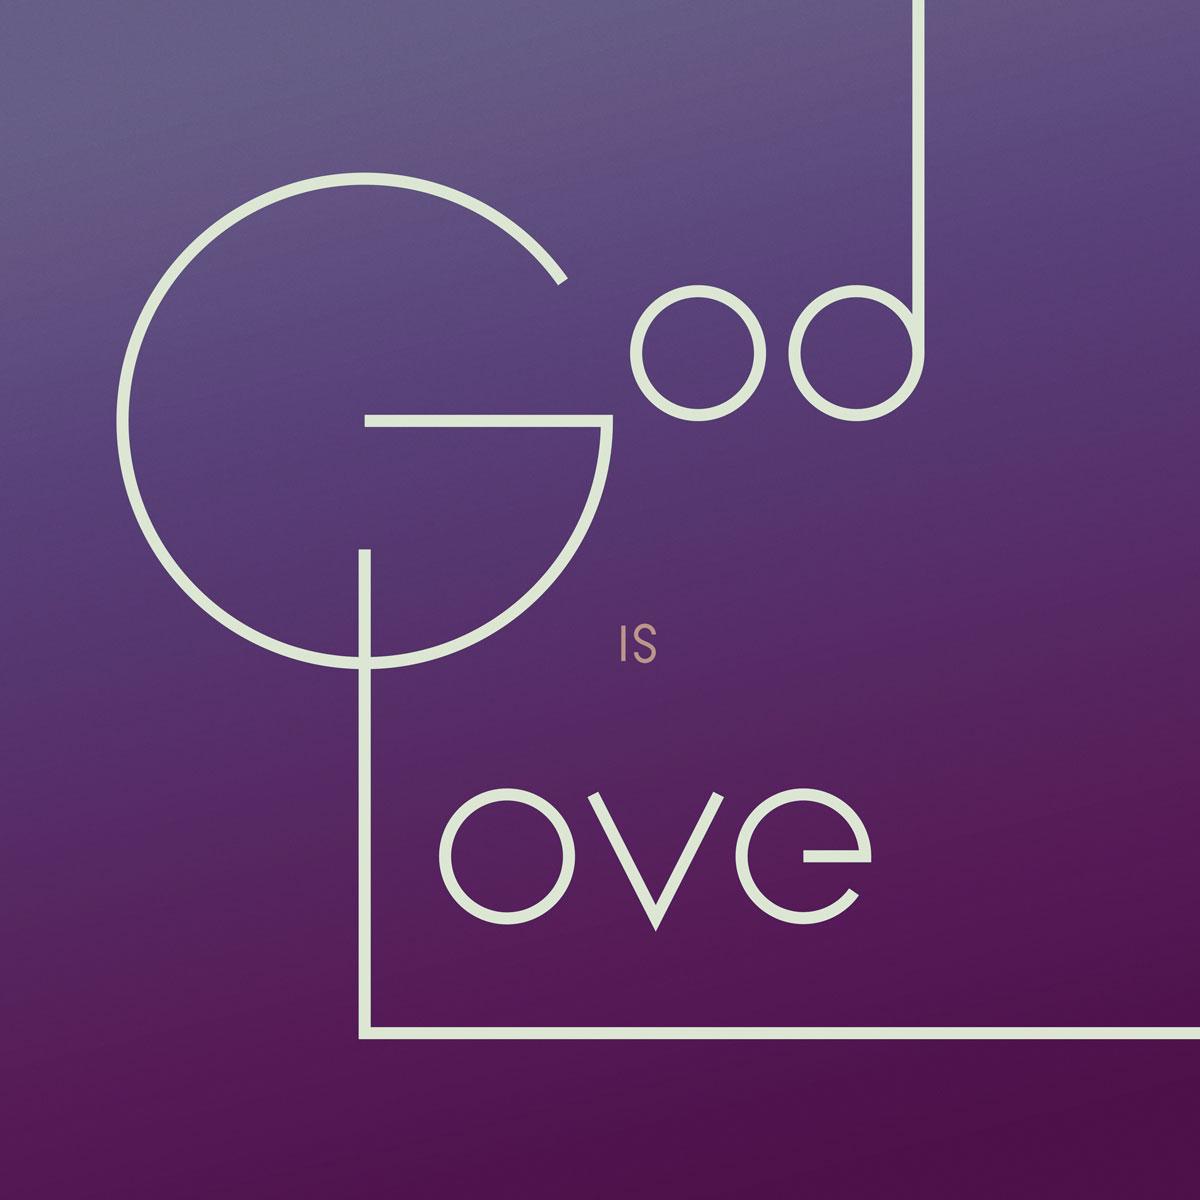 God-is-Love_04_Jim-LePage.jpg